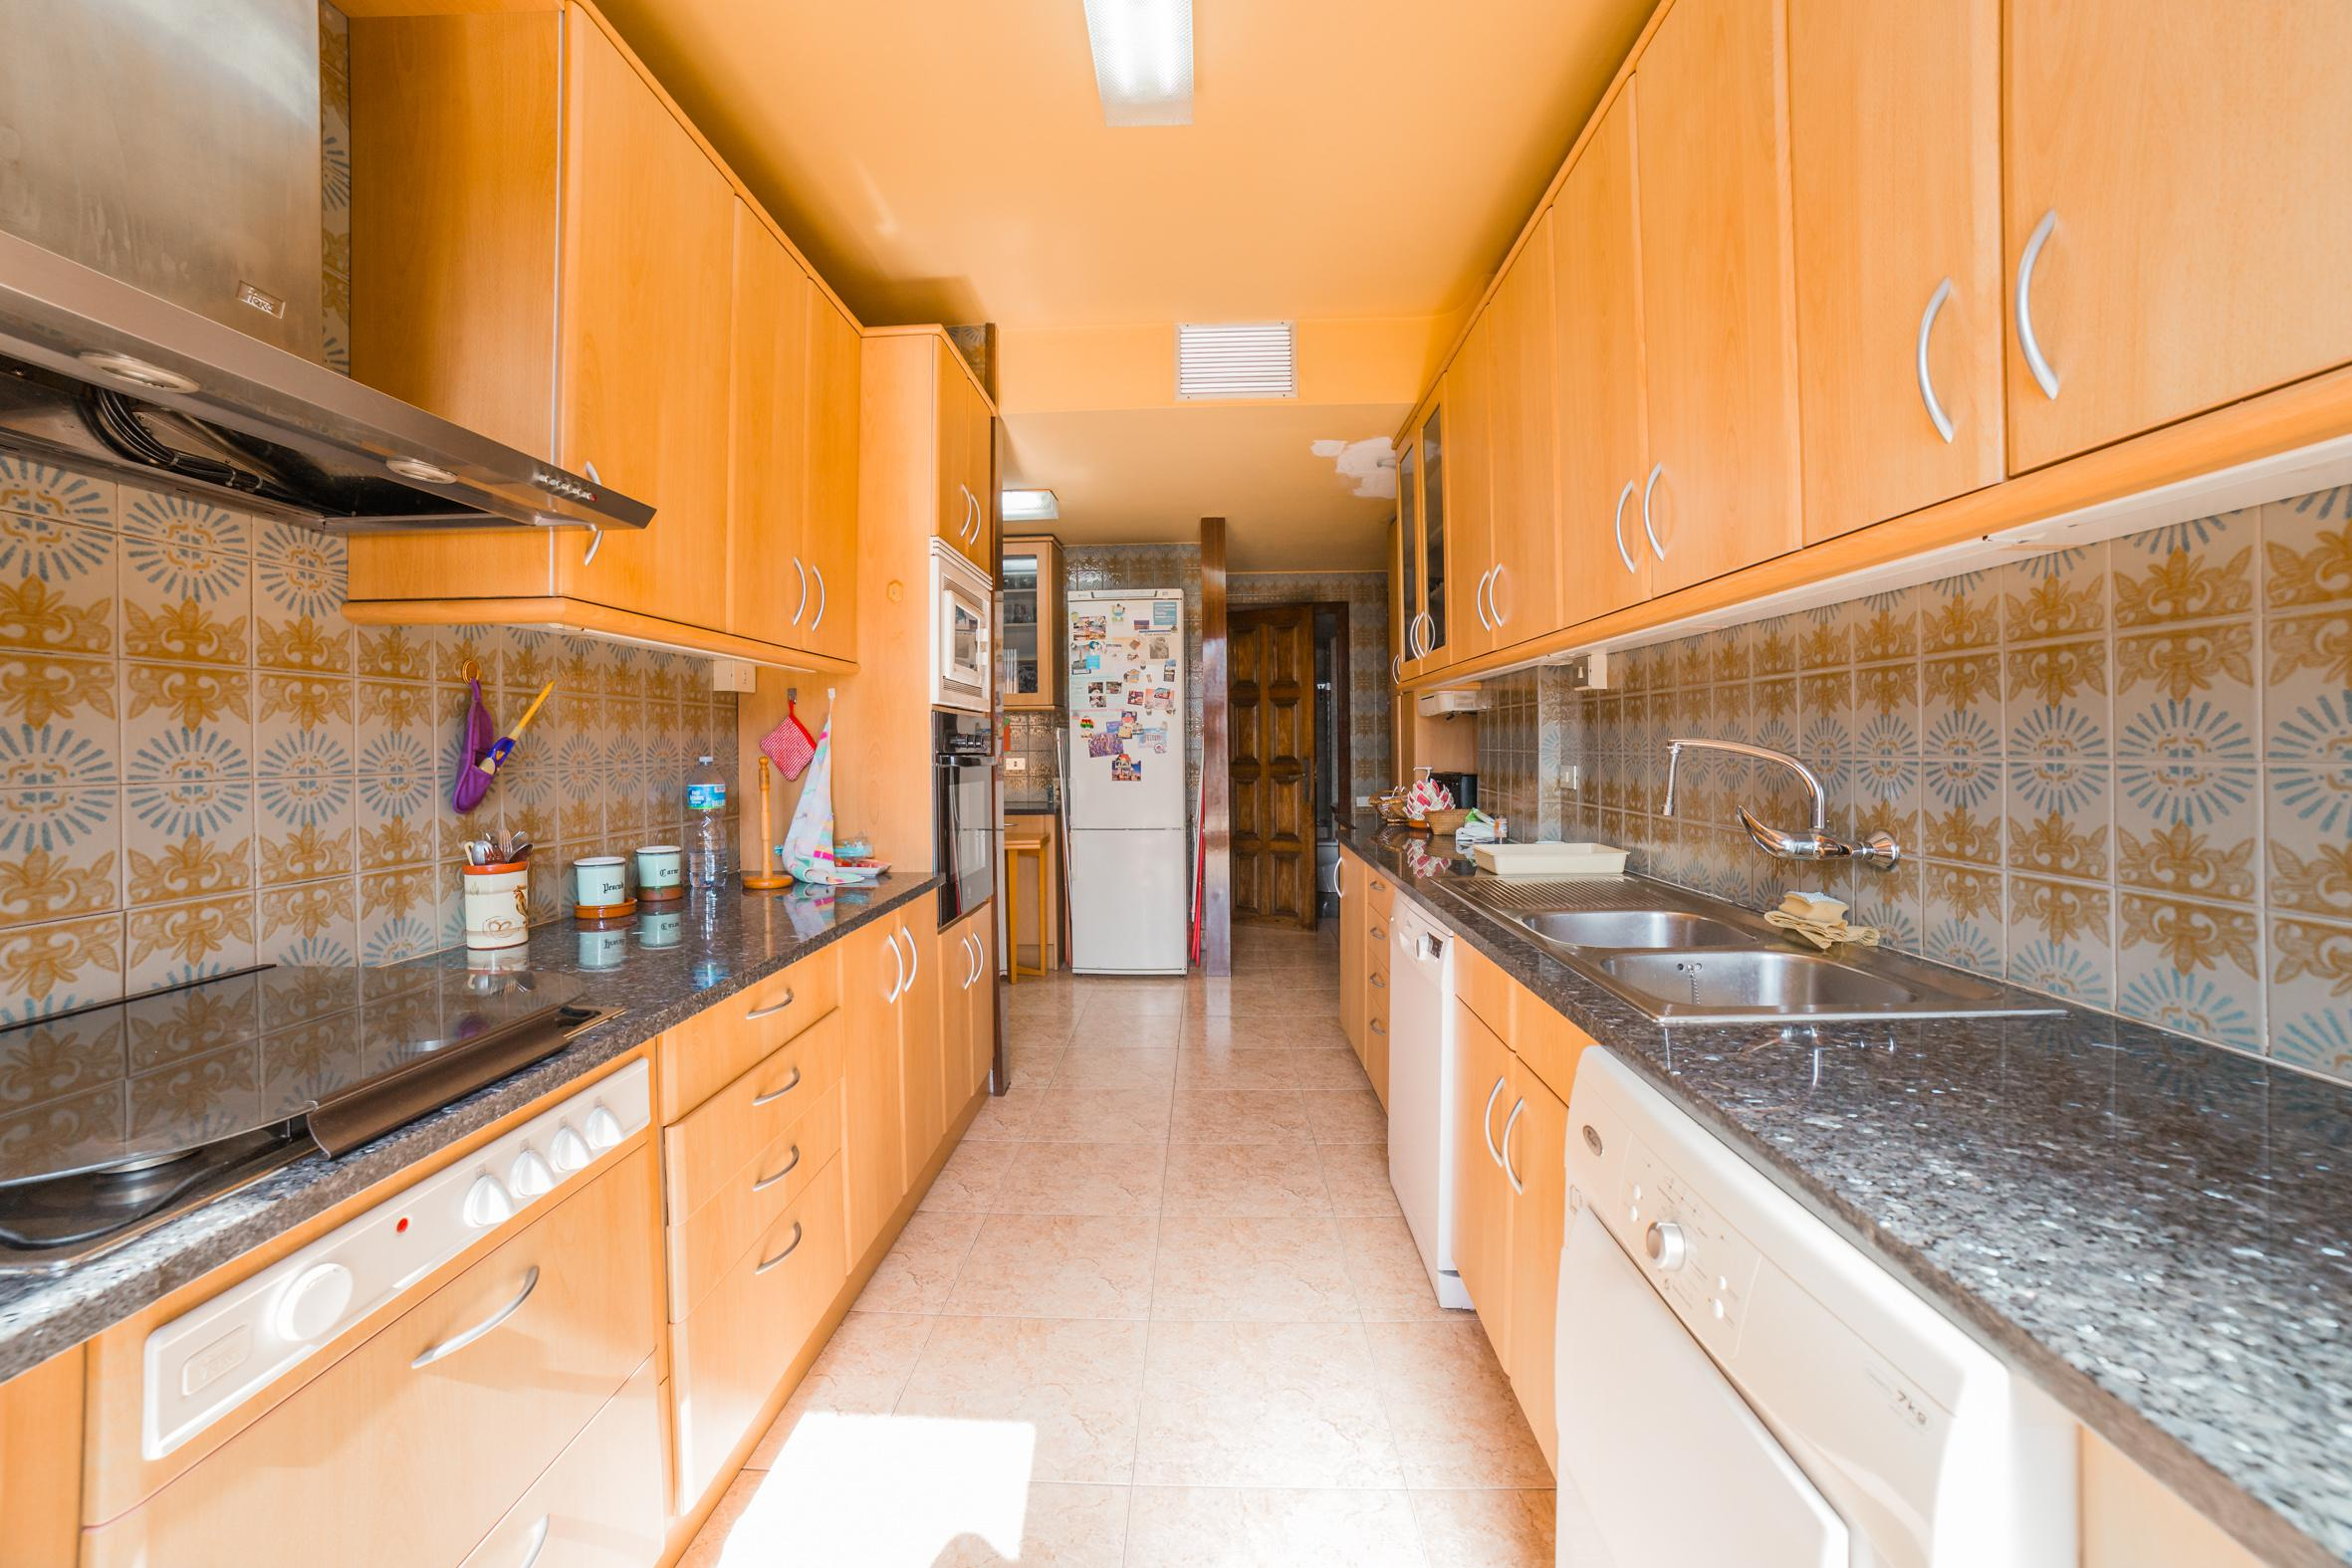 251036 Ático en venta en Horta-Guinardó, El Guinardó 9